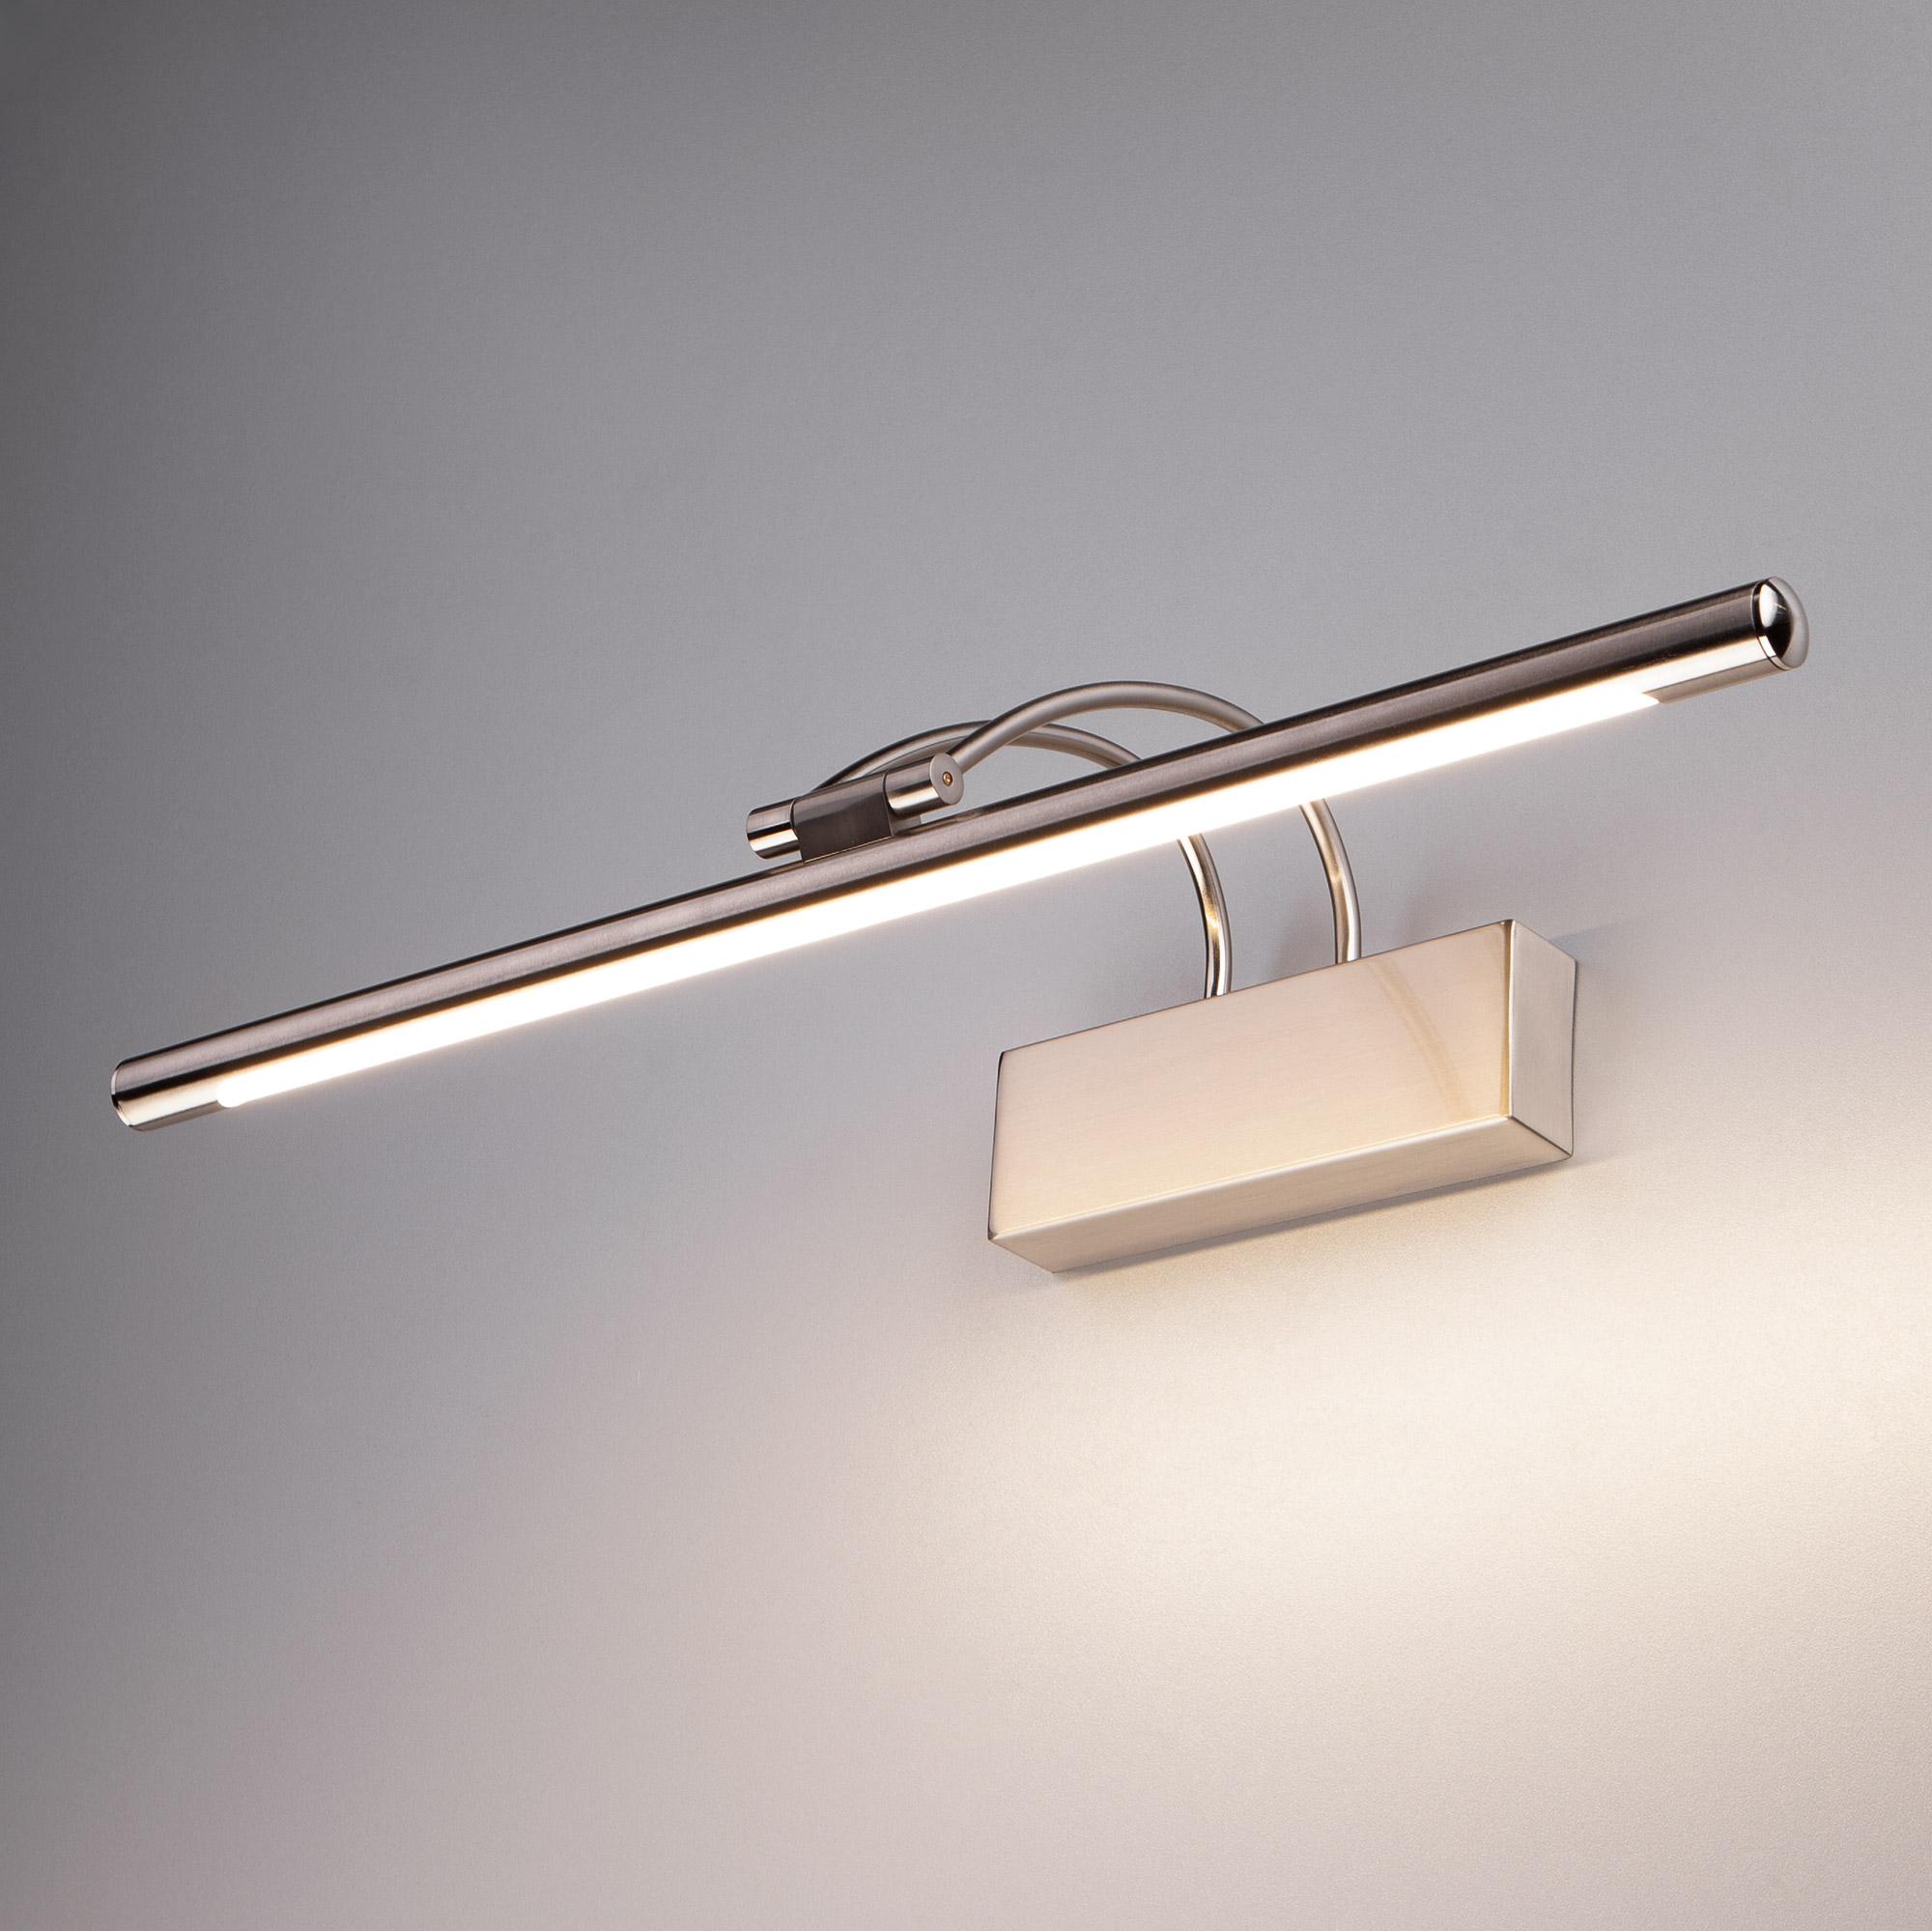 Светодиодный настенный светильник Евросвет 1011 Simple LED 10W IP20 никель фото